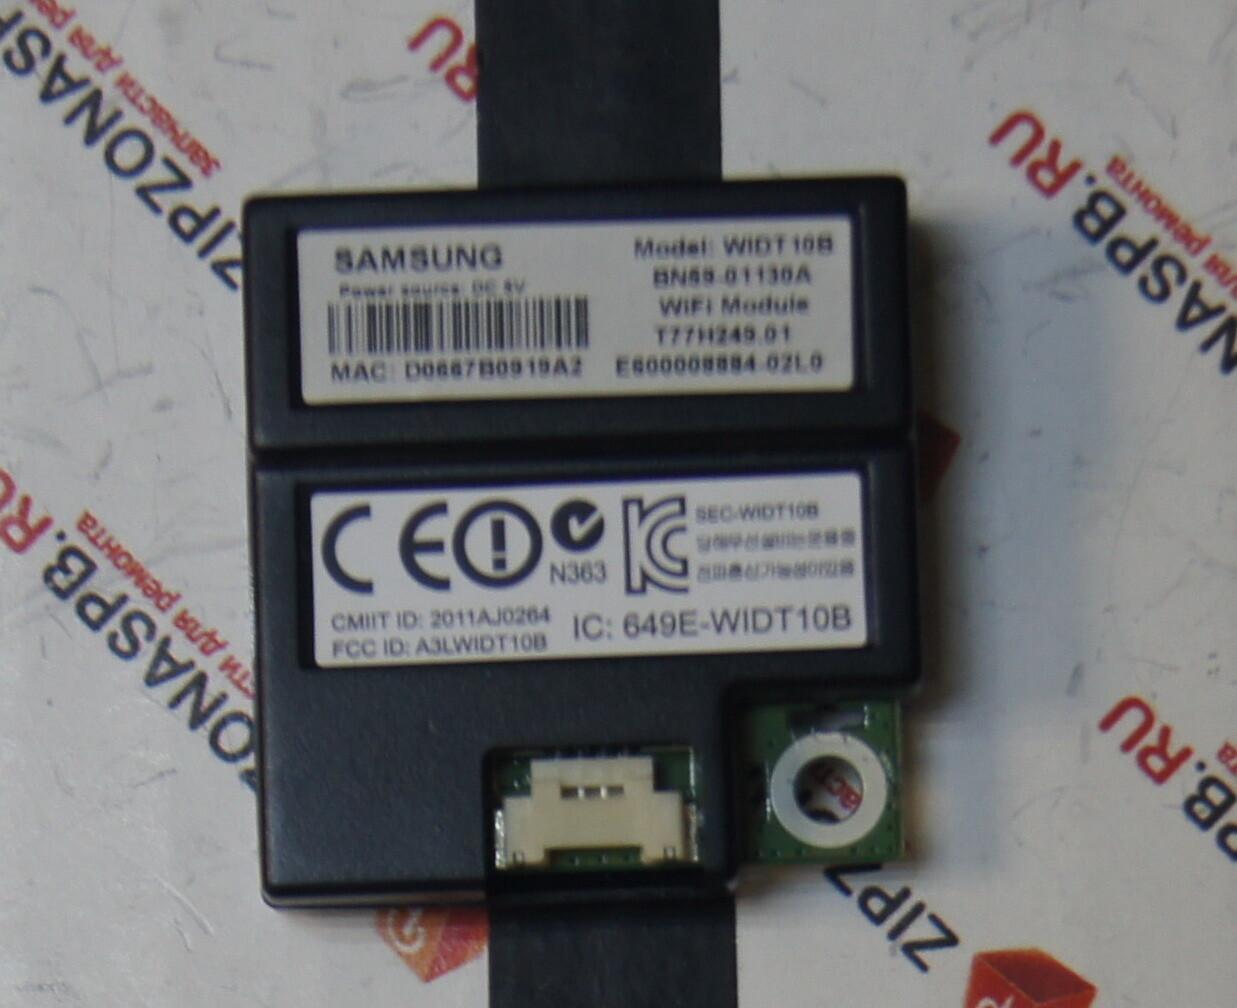 WIDT10B BN59-01130A